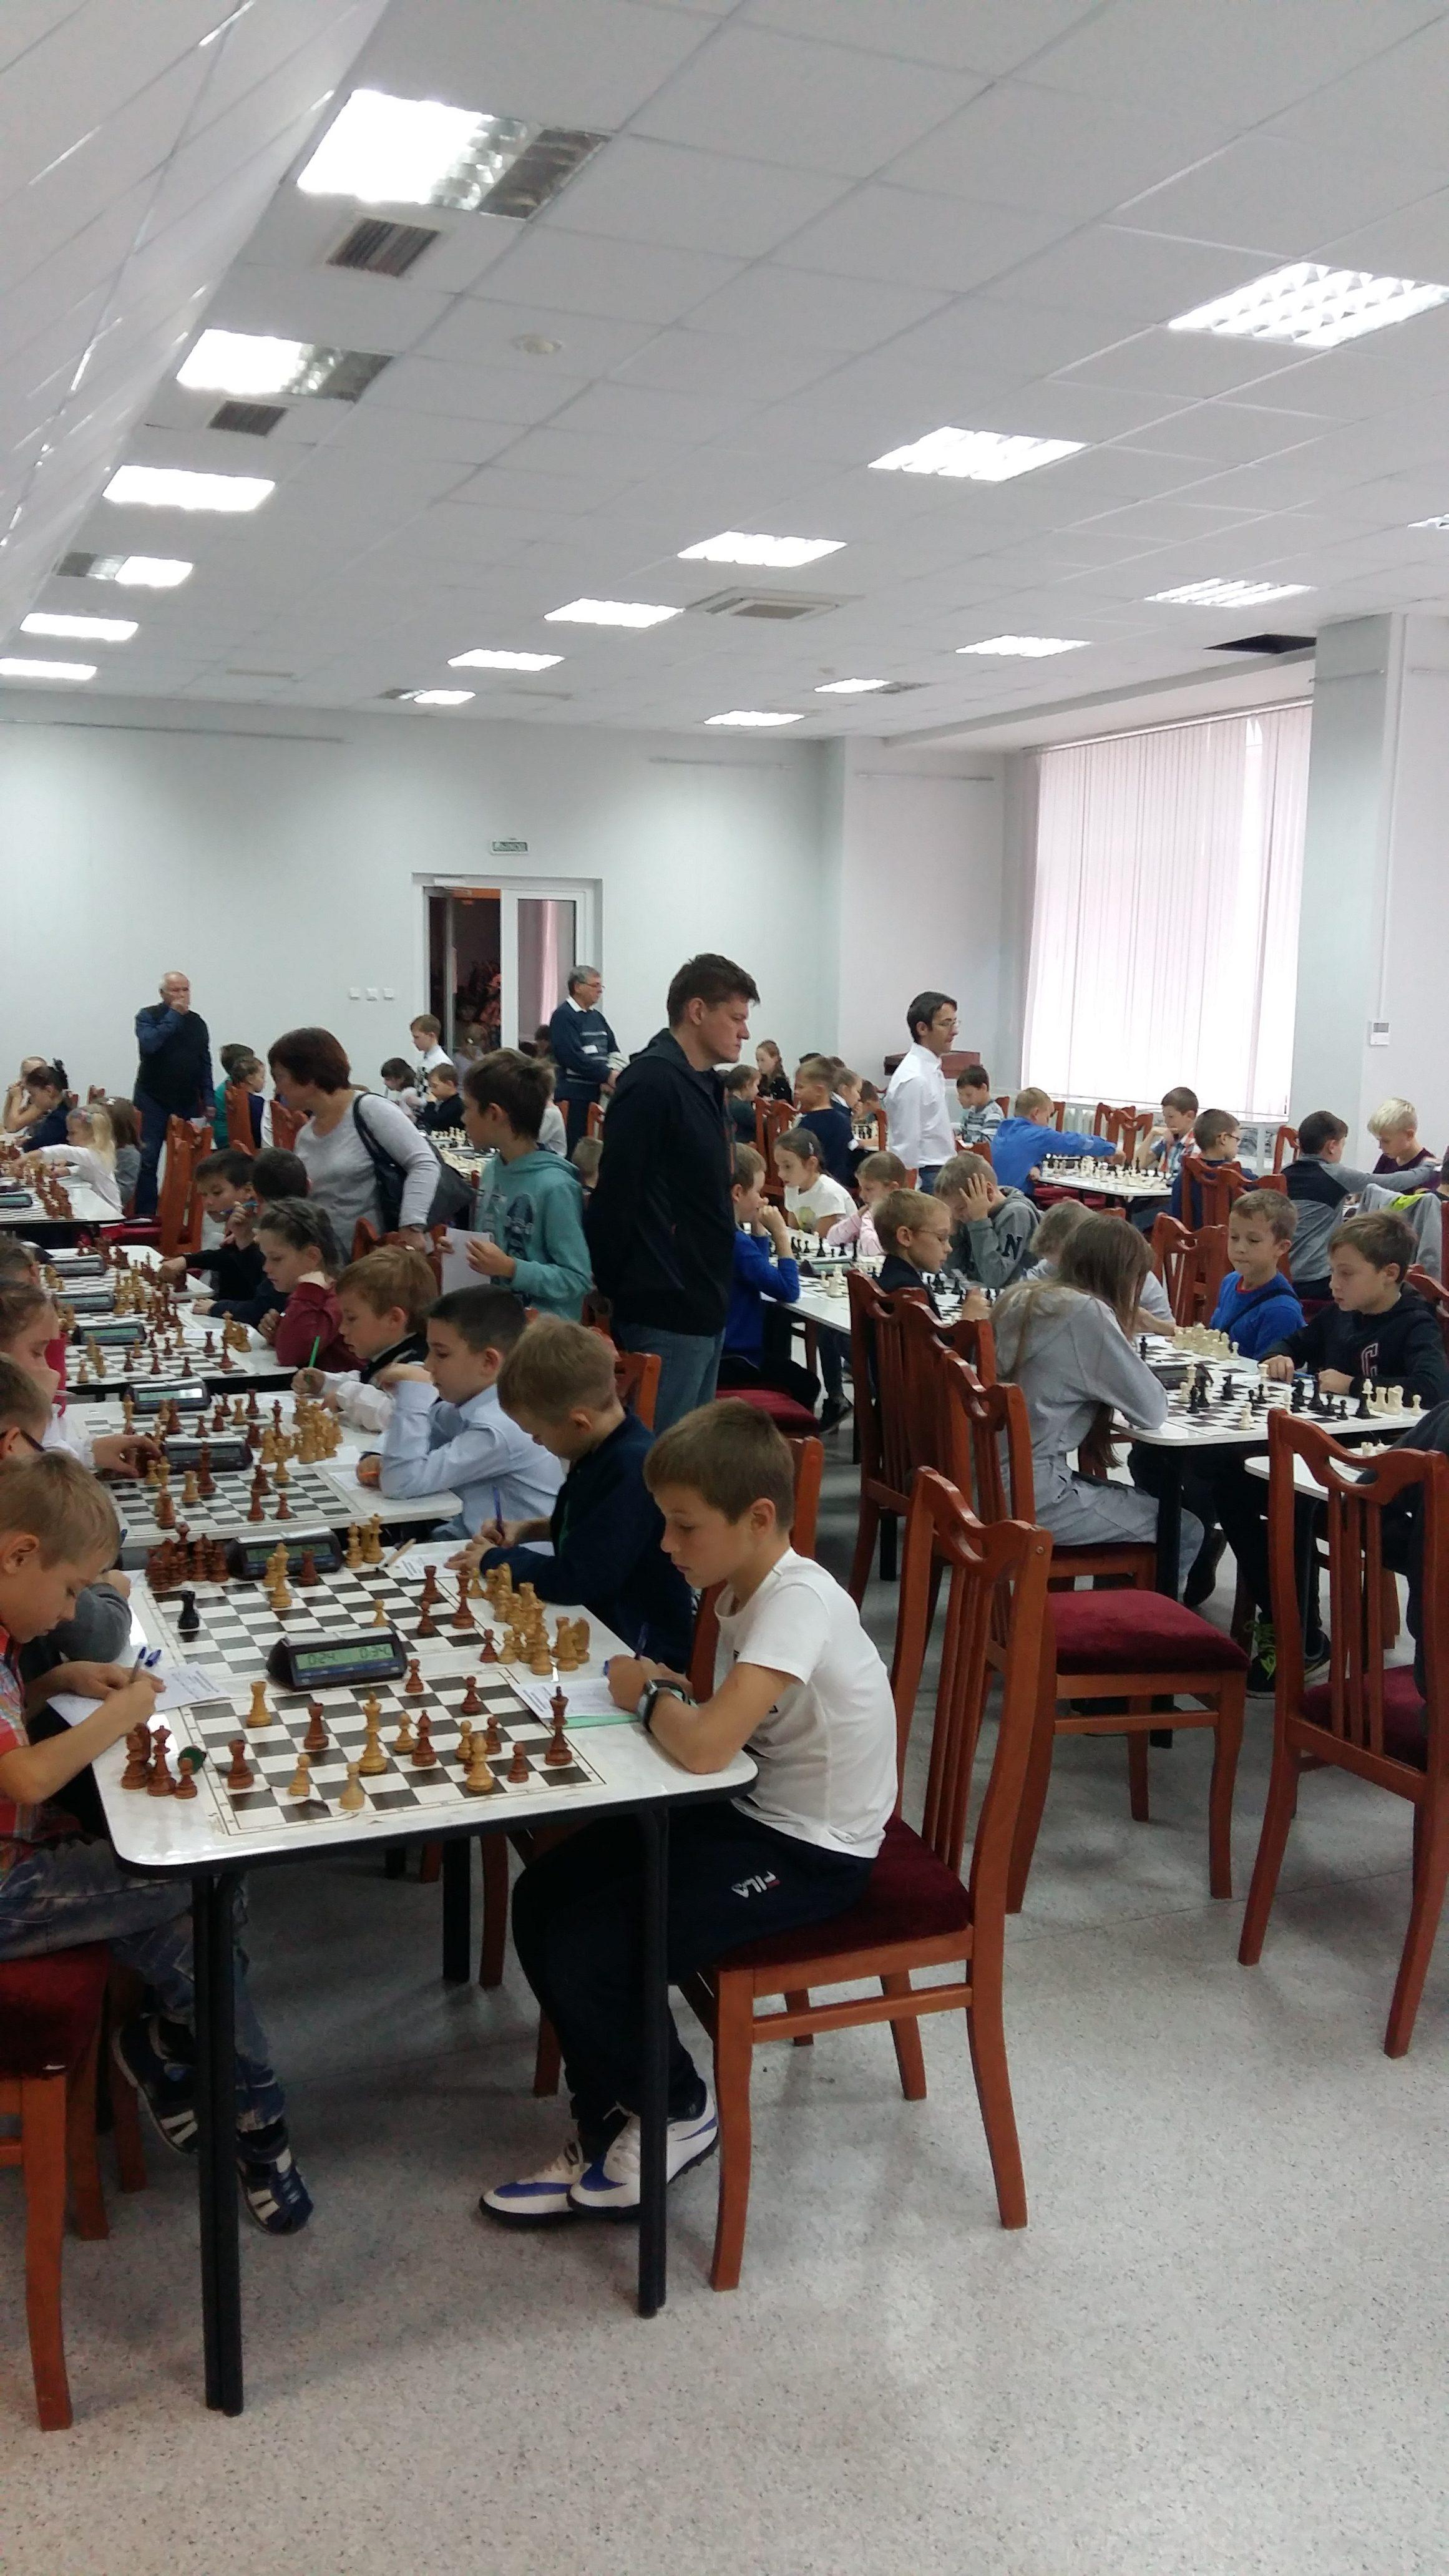 Областные соревнования по шахматам  «Приз Центра «Ладога»(1 этап)